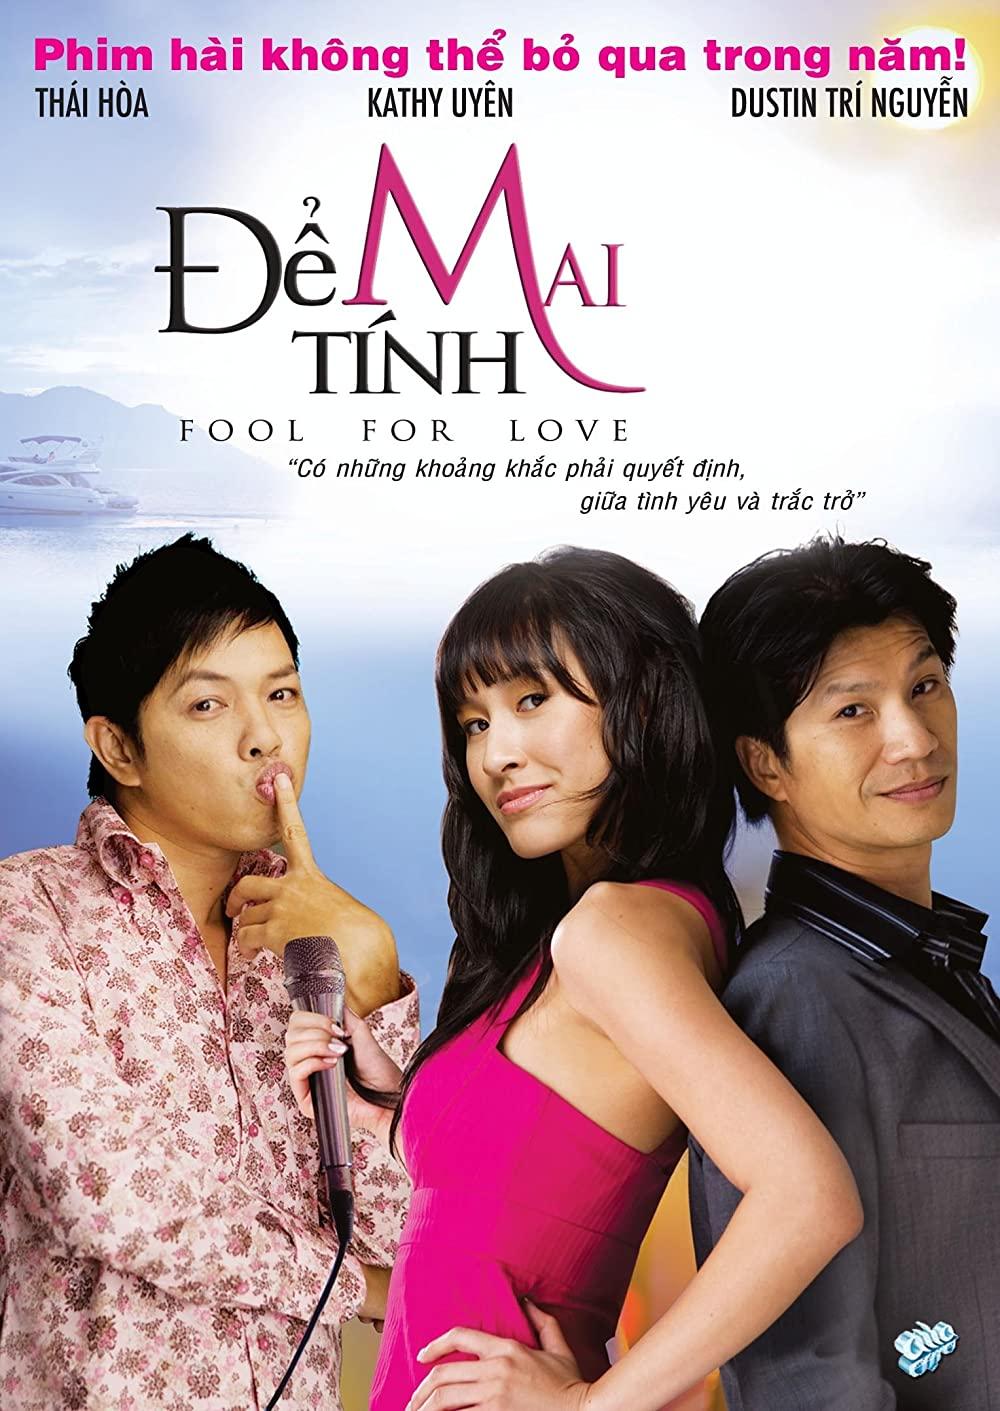 Những bộ phim hài hay nhất Việt Nam: Để Mai tính